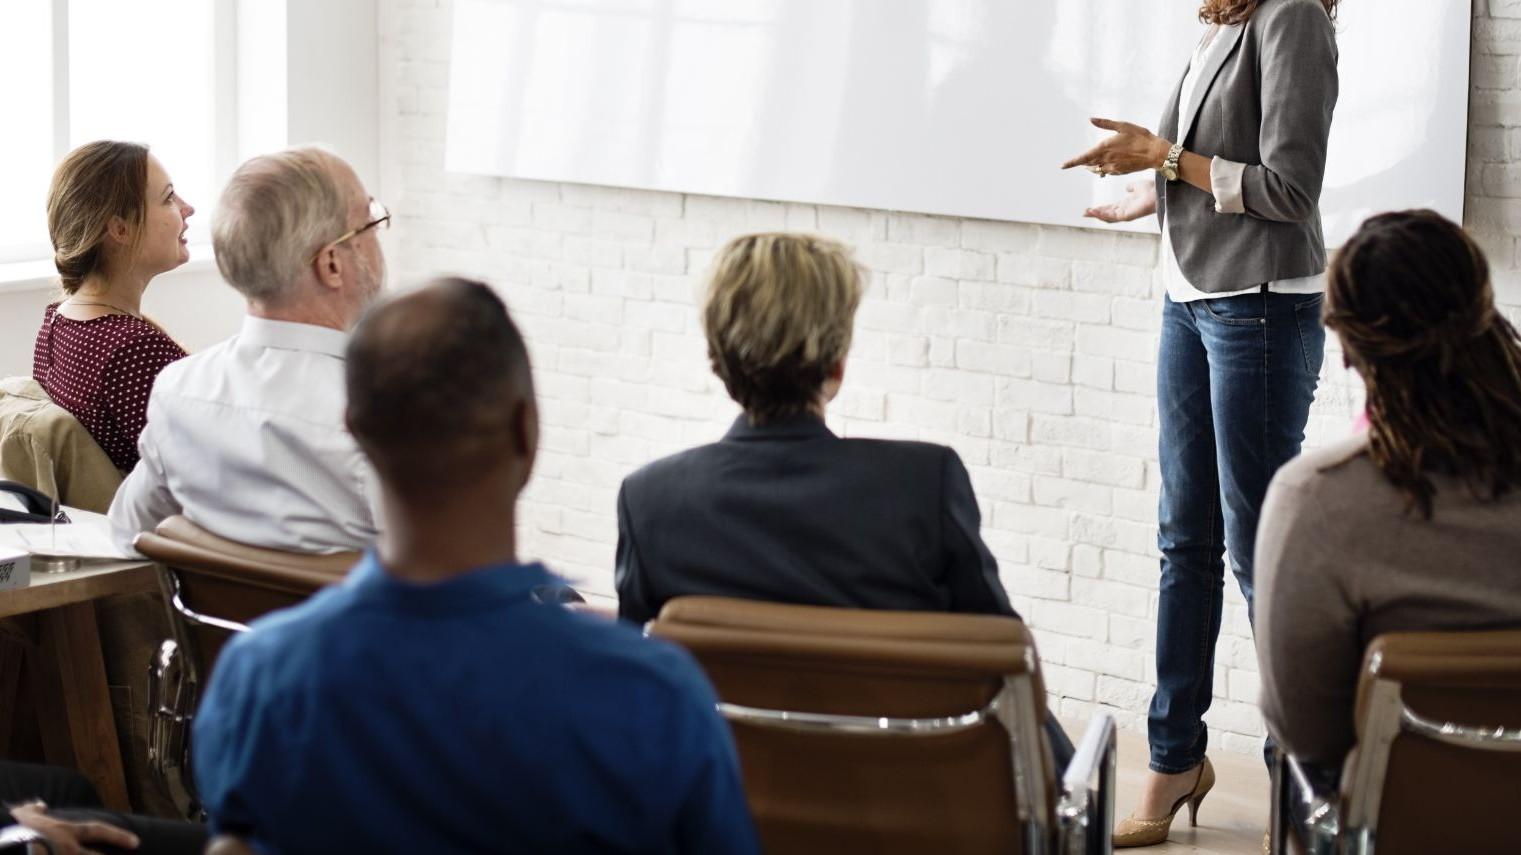 Représentation de la formation : COL11 - Formateur occasionnel : Construire et animer efficacement une formation